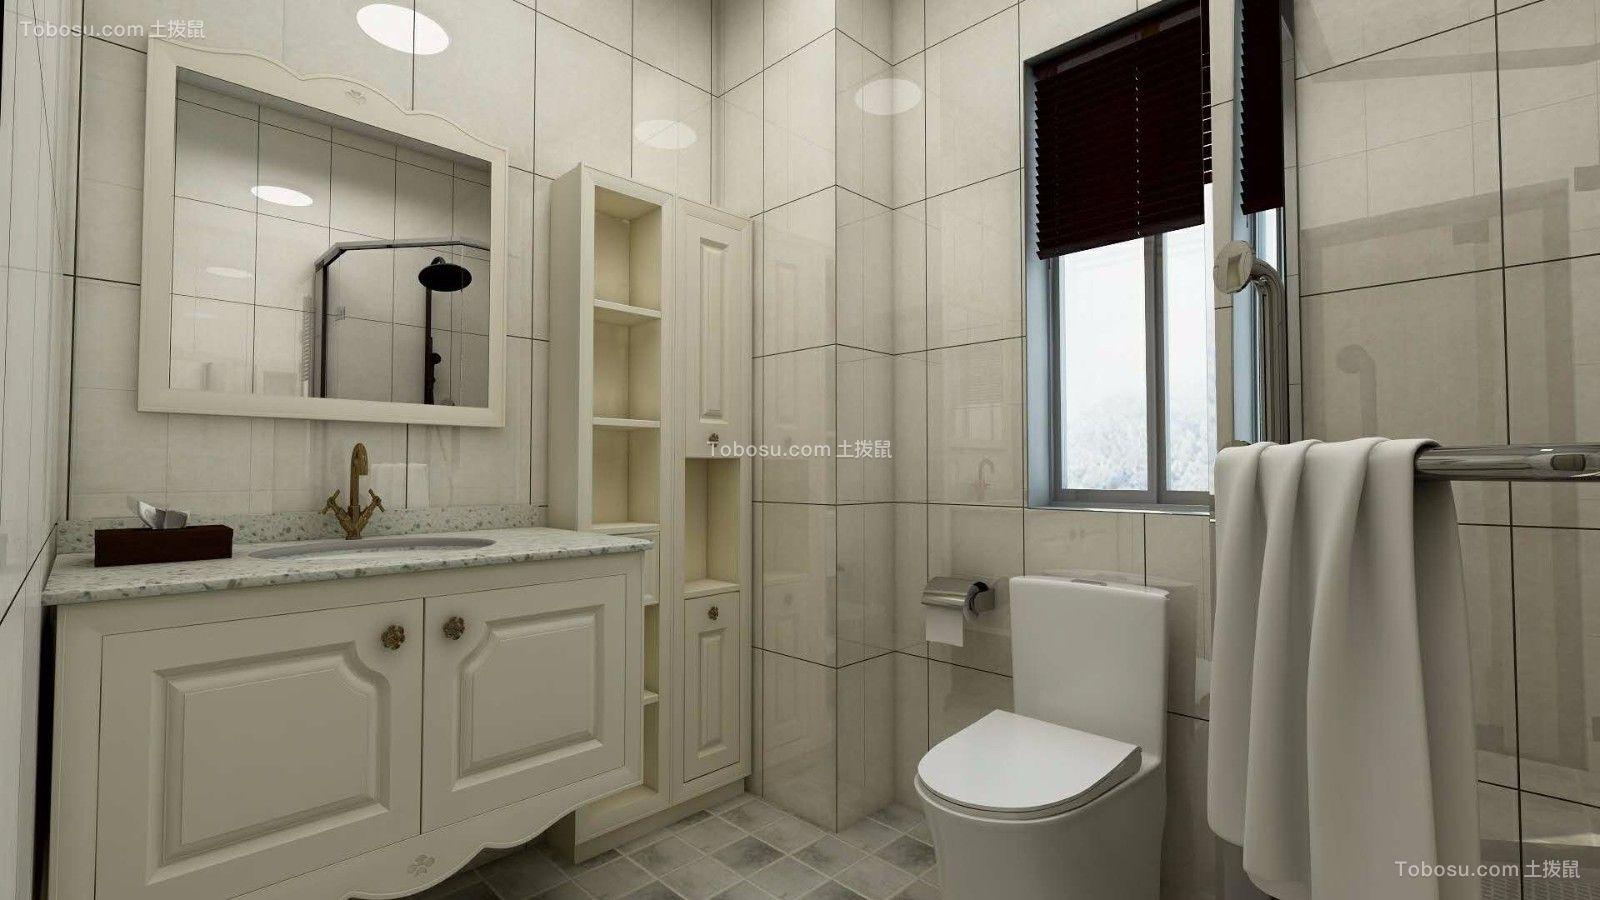 卫生间白色洗漱台简约风格效果图